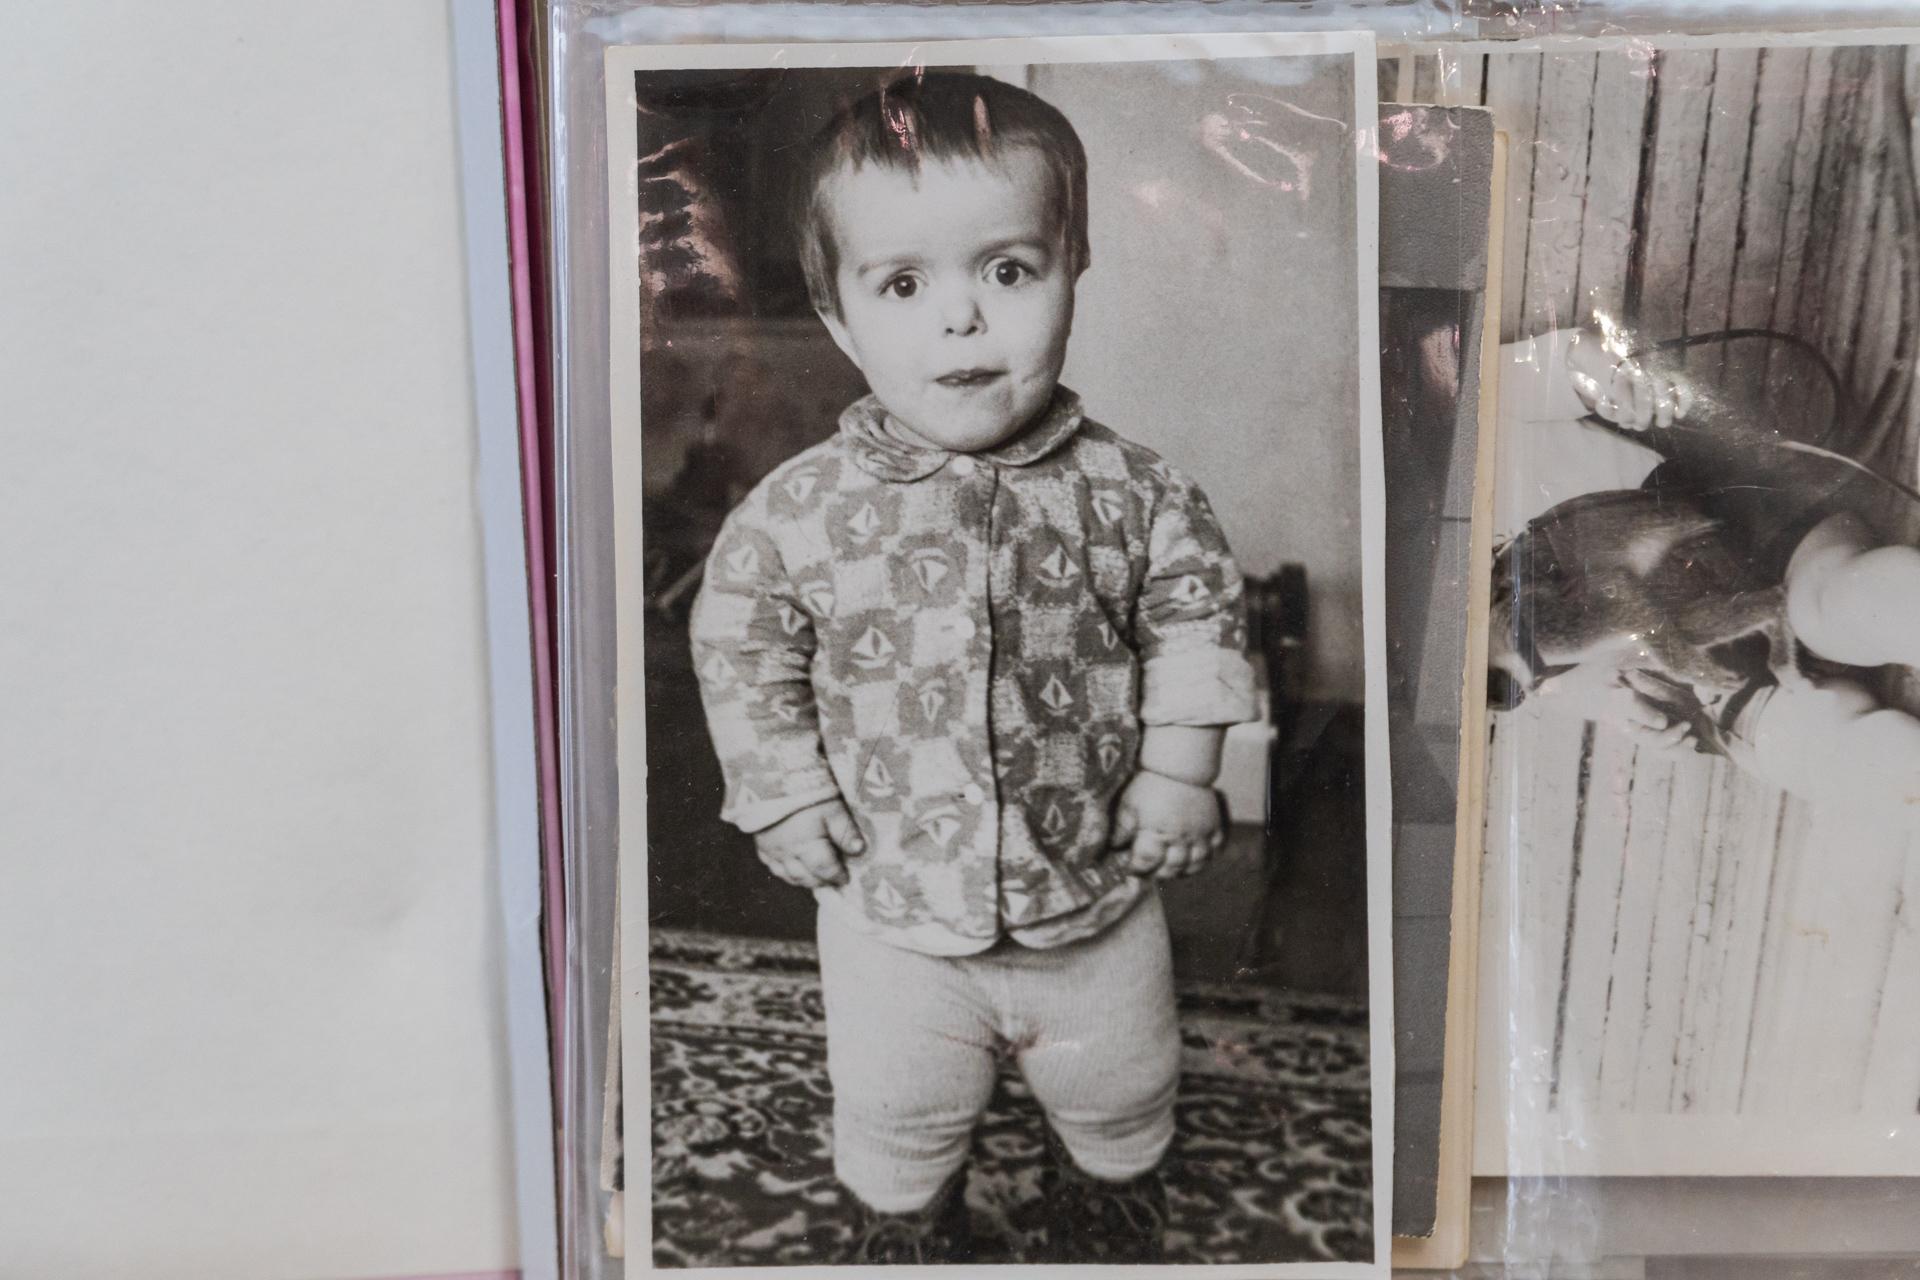 Мальчик в детстве был окружен заботой и любовью